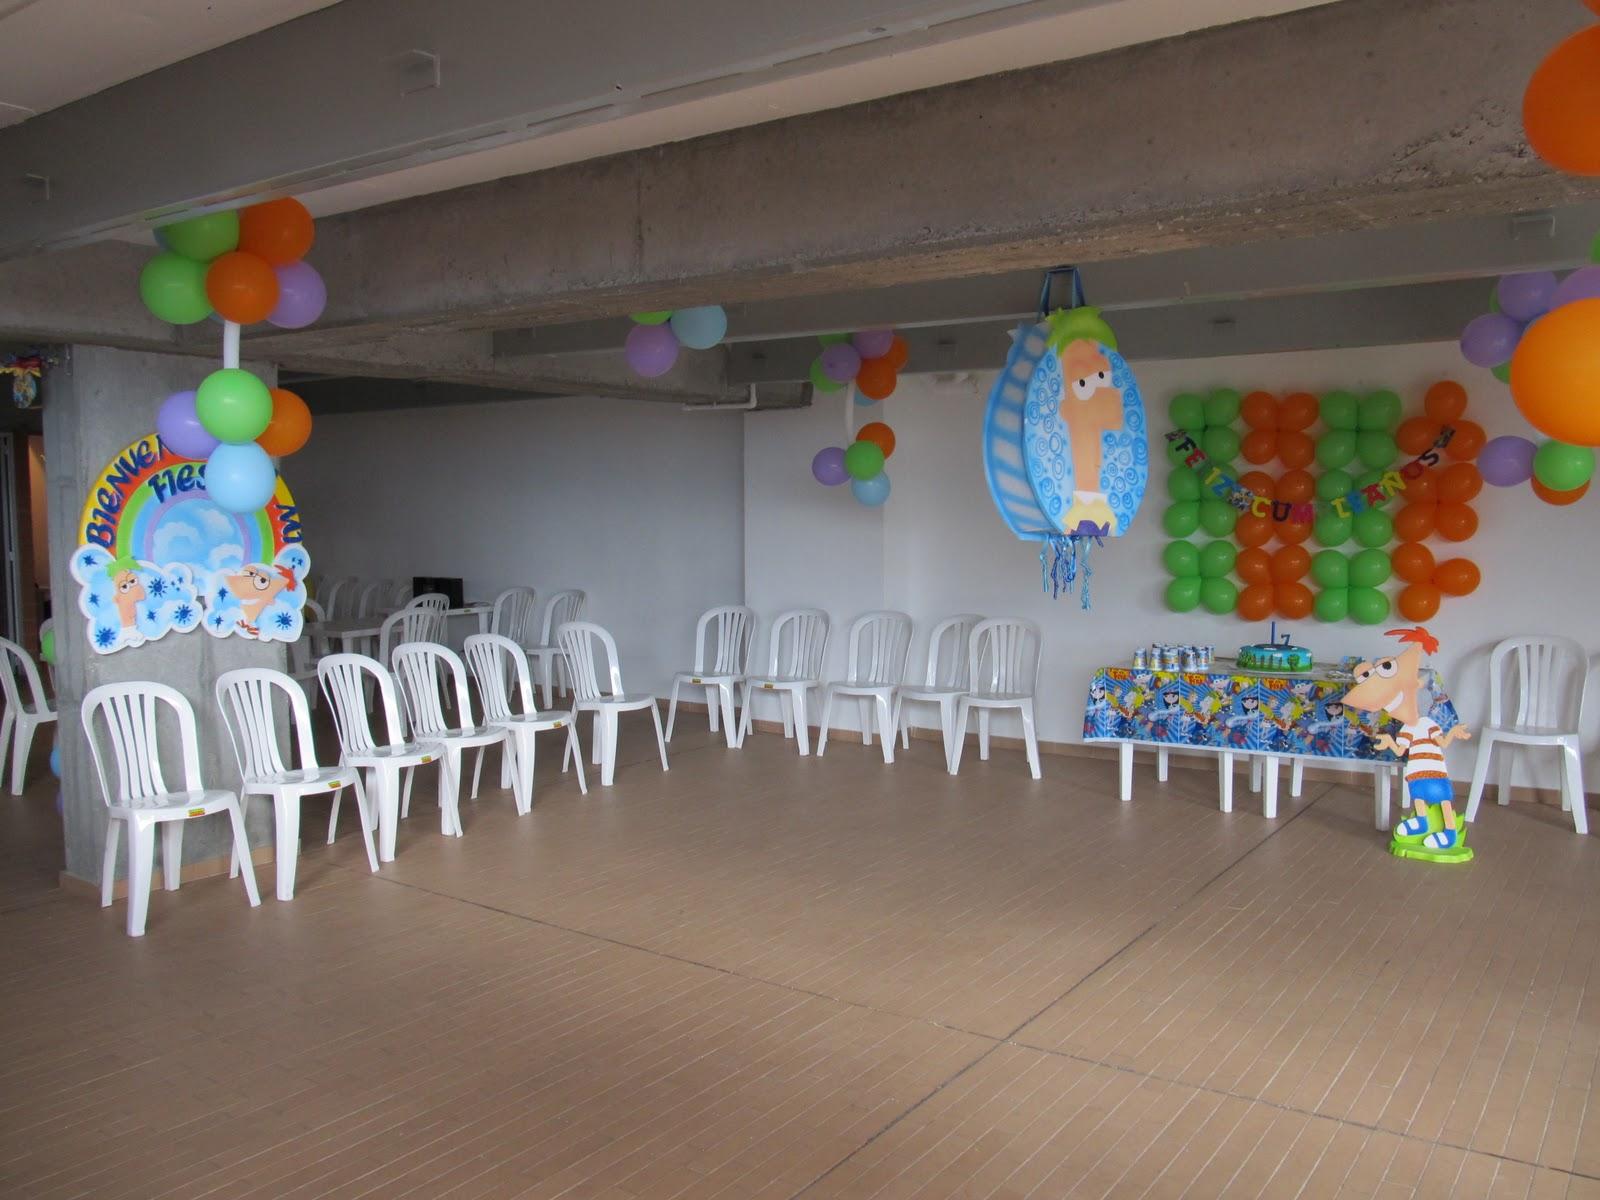 Phineas and ferb fiestas infantiles y recreacionistas - Globos fiestas infantiles ...